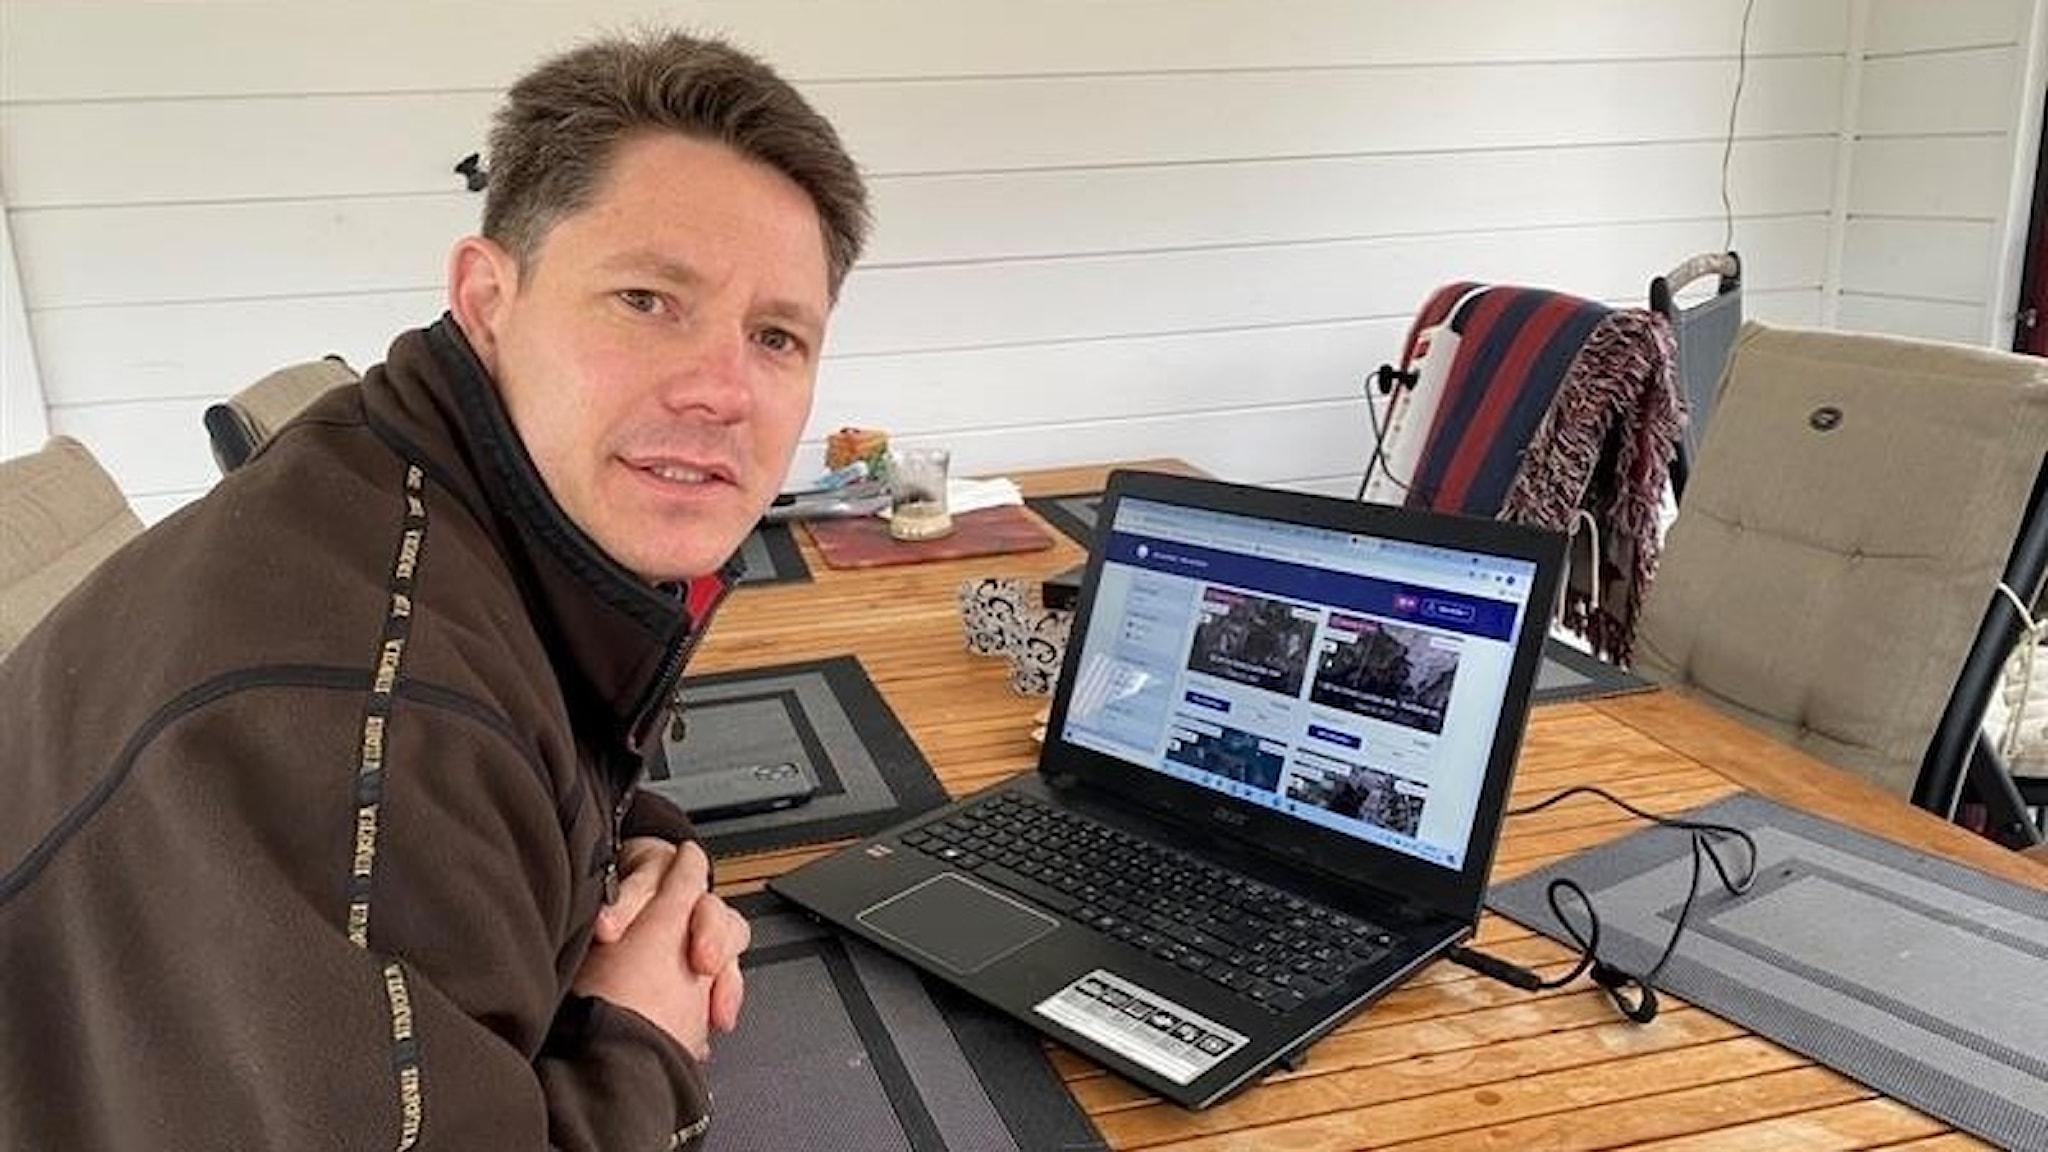 En man sitter vid en dator och tittar in i kameran.